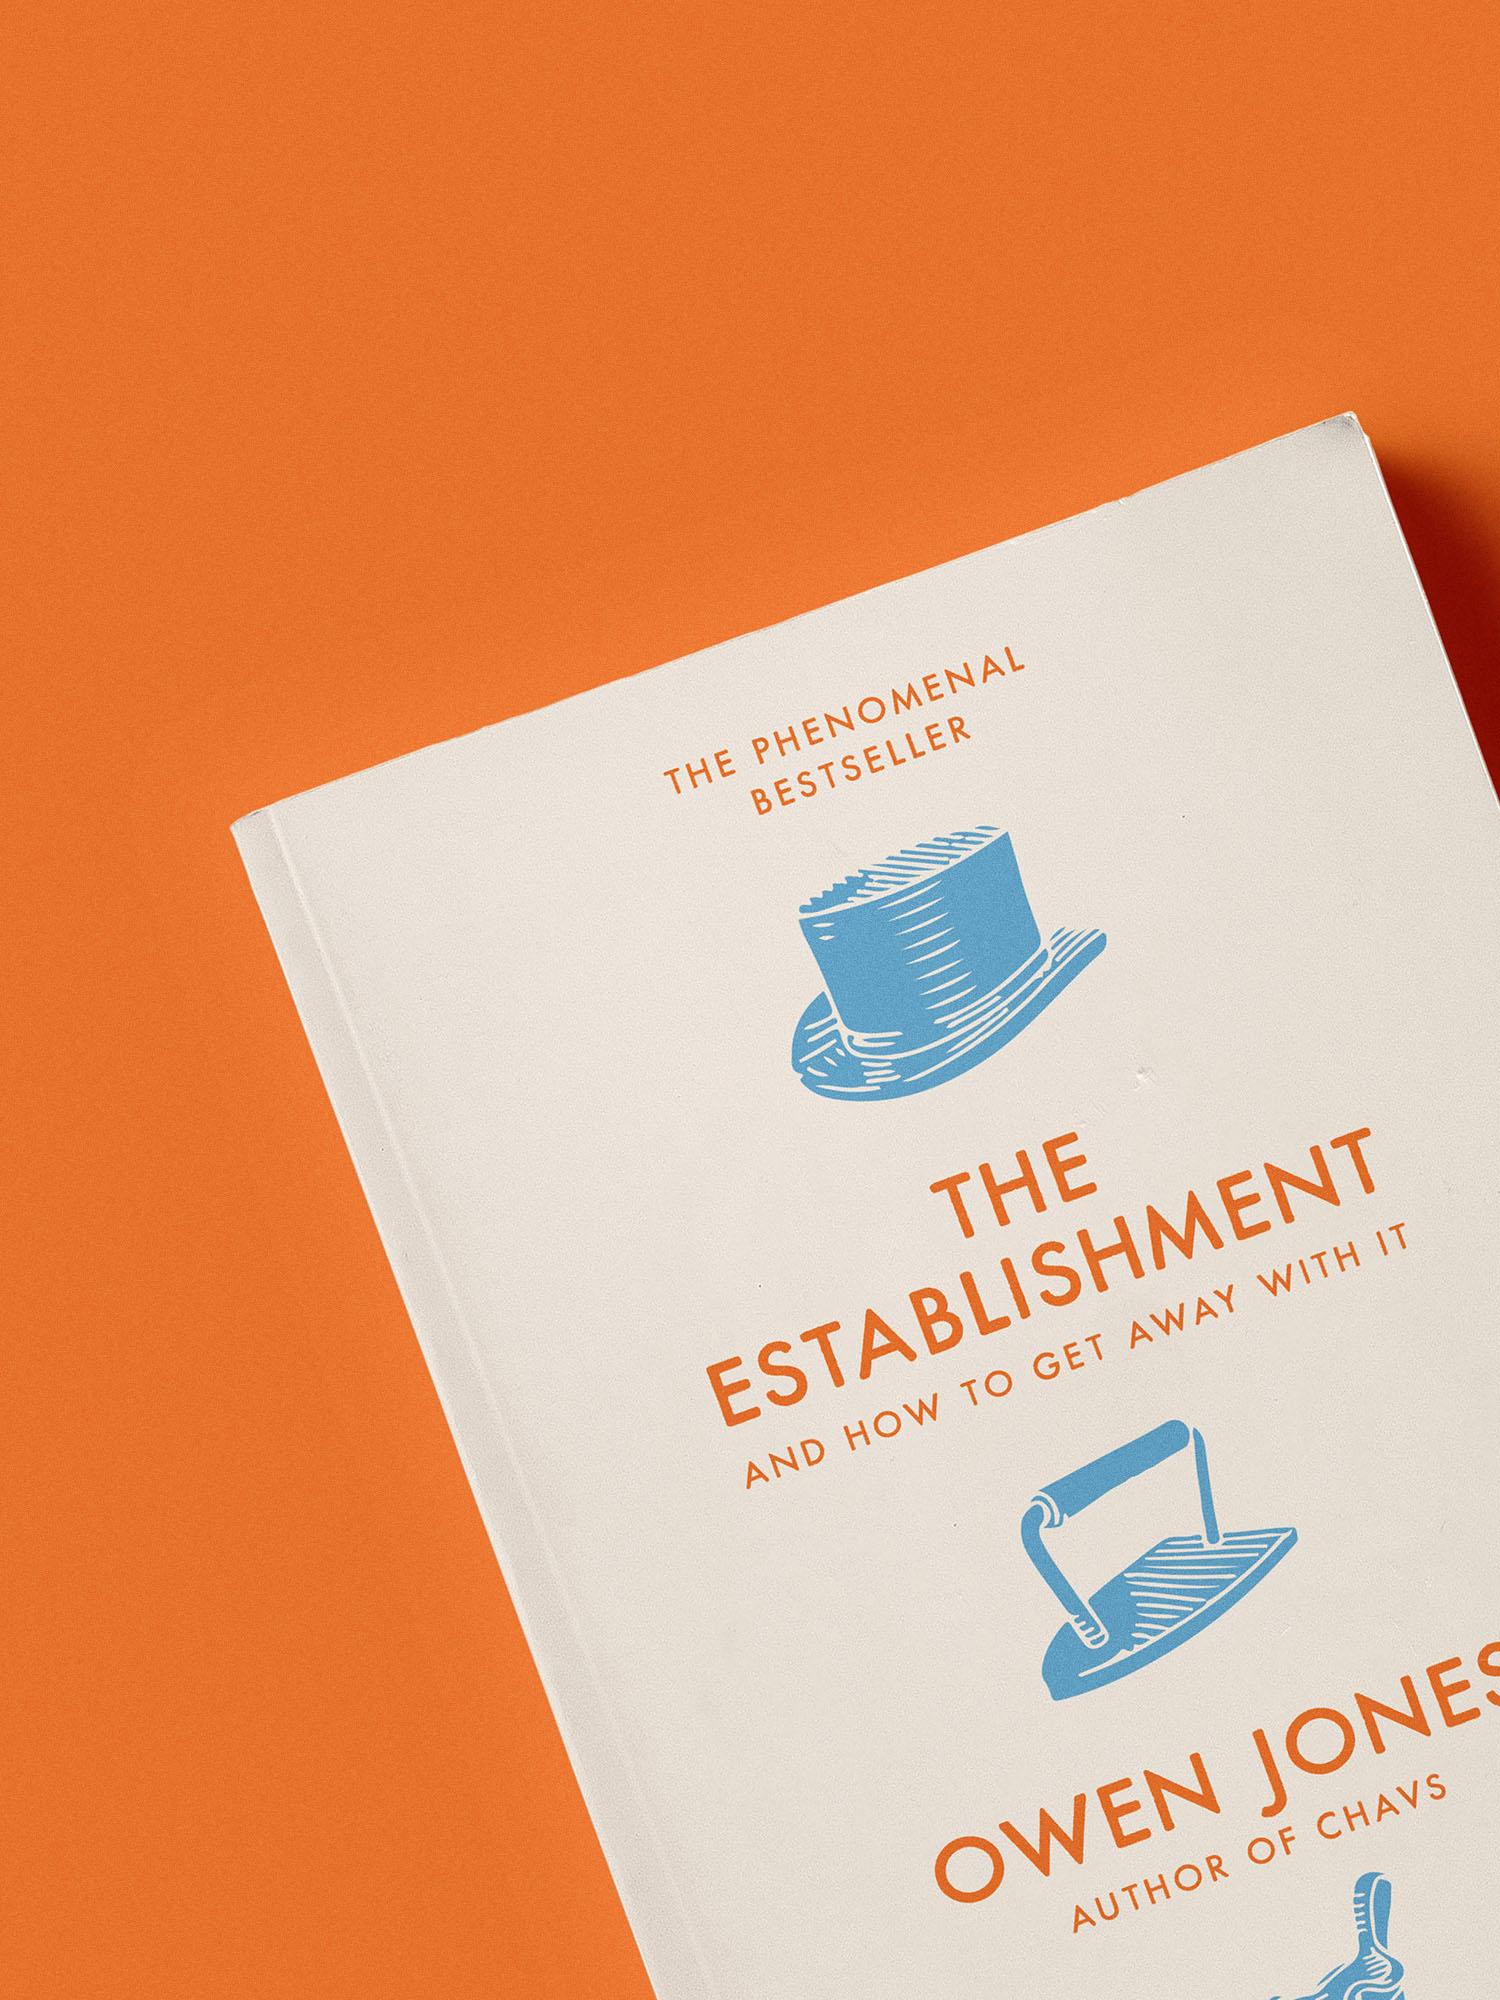 The Establishment cover